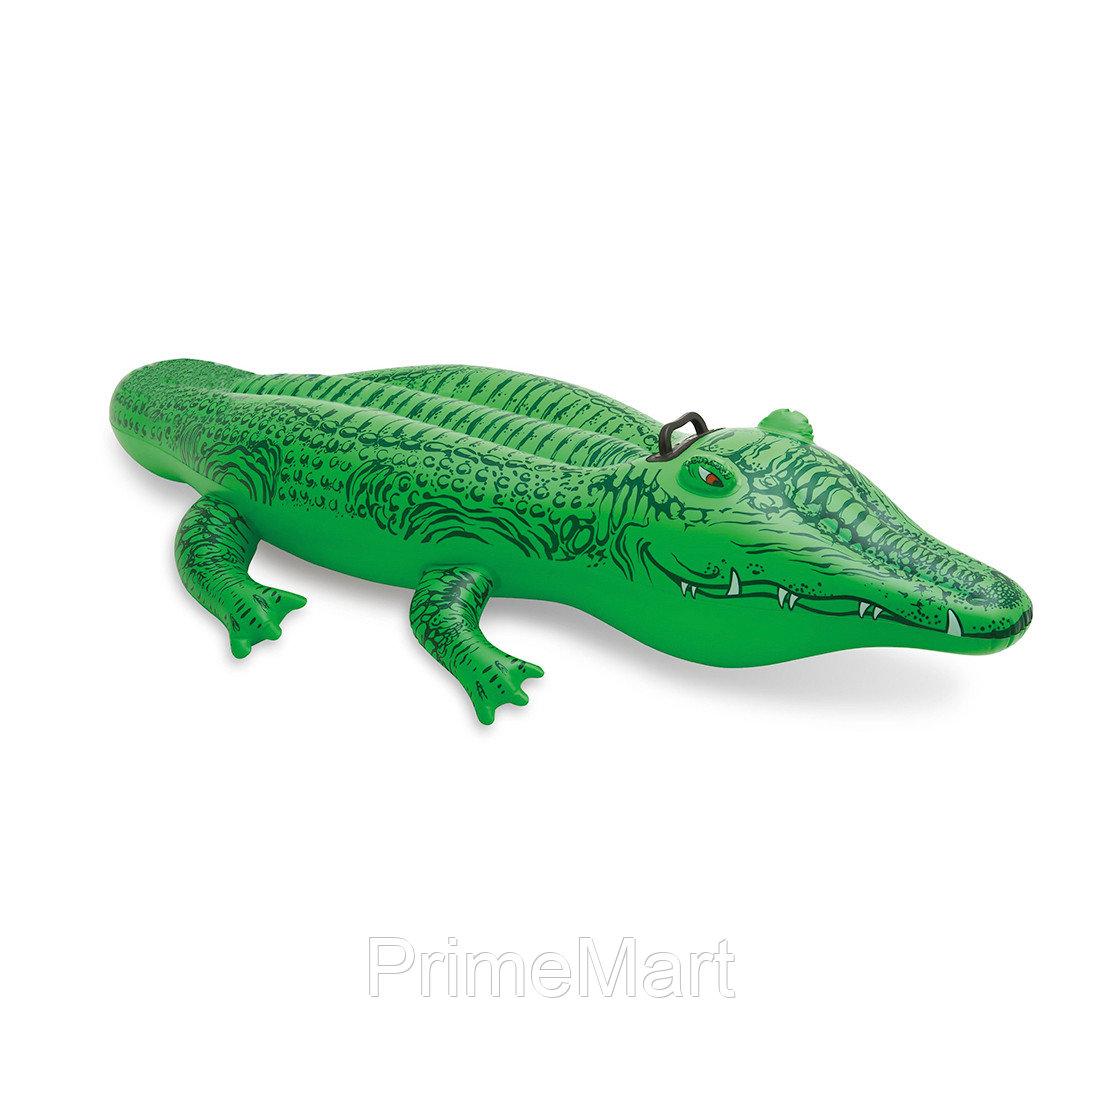 Надувная игрушка для катания верхом Крокодильчик 168 х 86 см, INTEX, 58546NP, Винил, С ручками, Зелёный, Цветная коробка